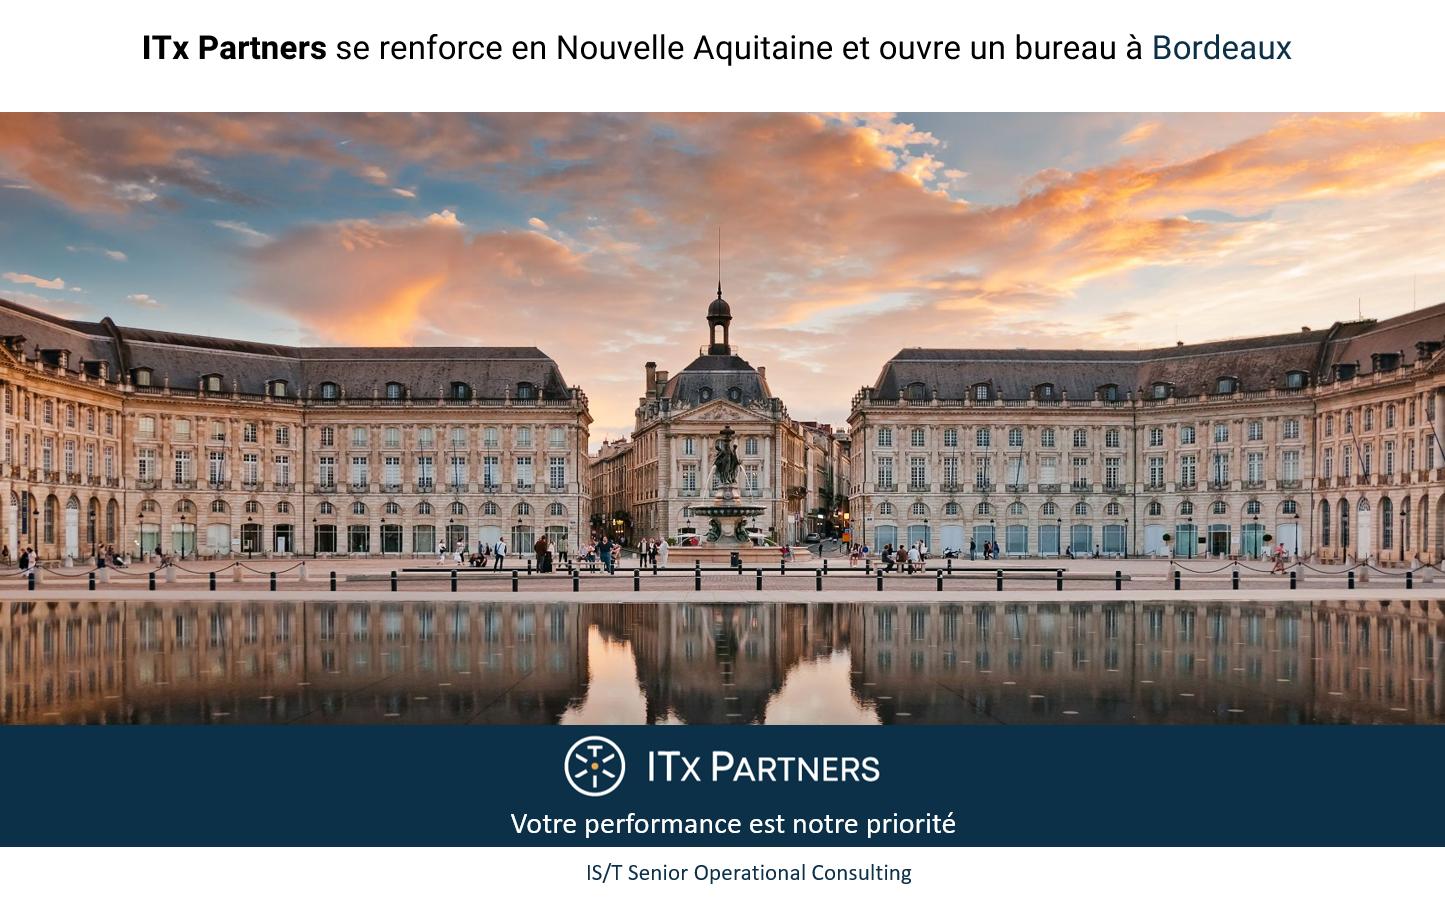 ITx Partners se renforce en Nouvelle-Aquitaine